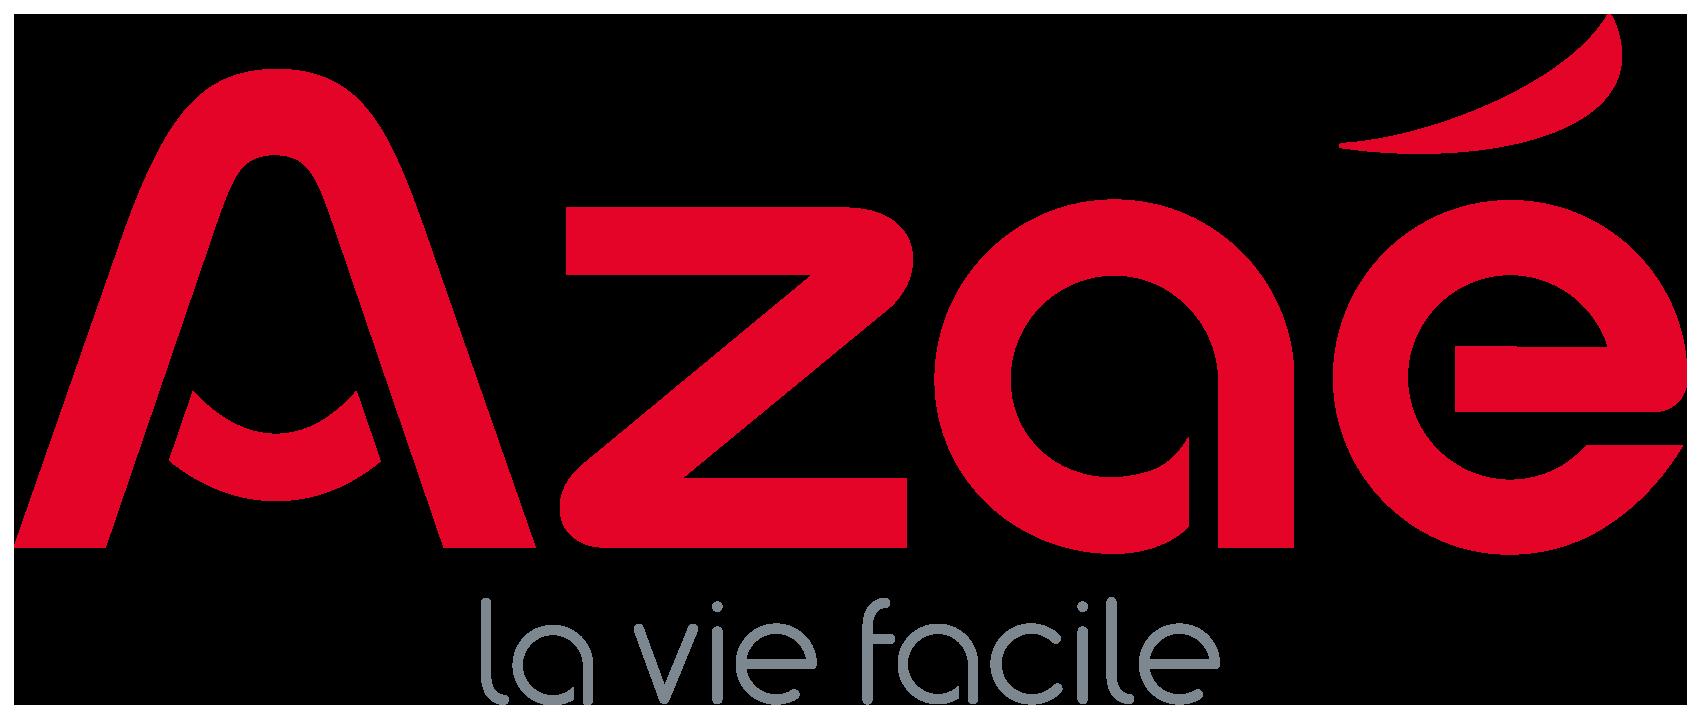 Azaé Béziers - Aide à domicile et femme de ménage services, aide à domicile